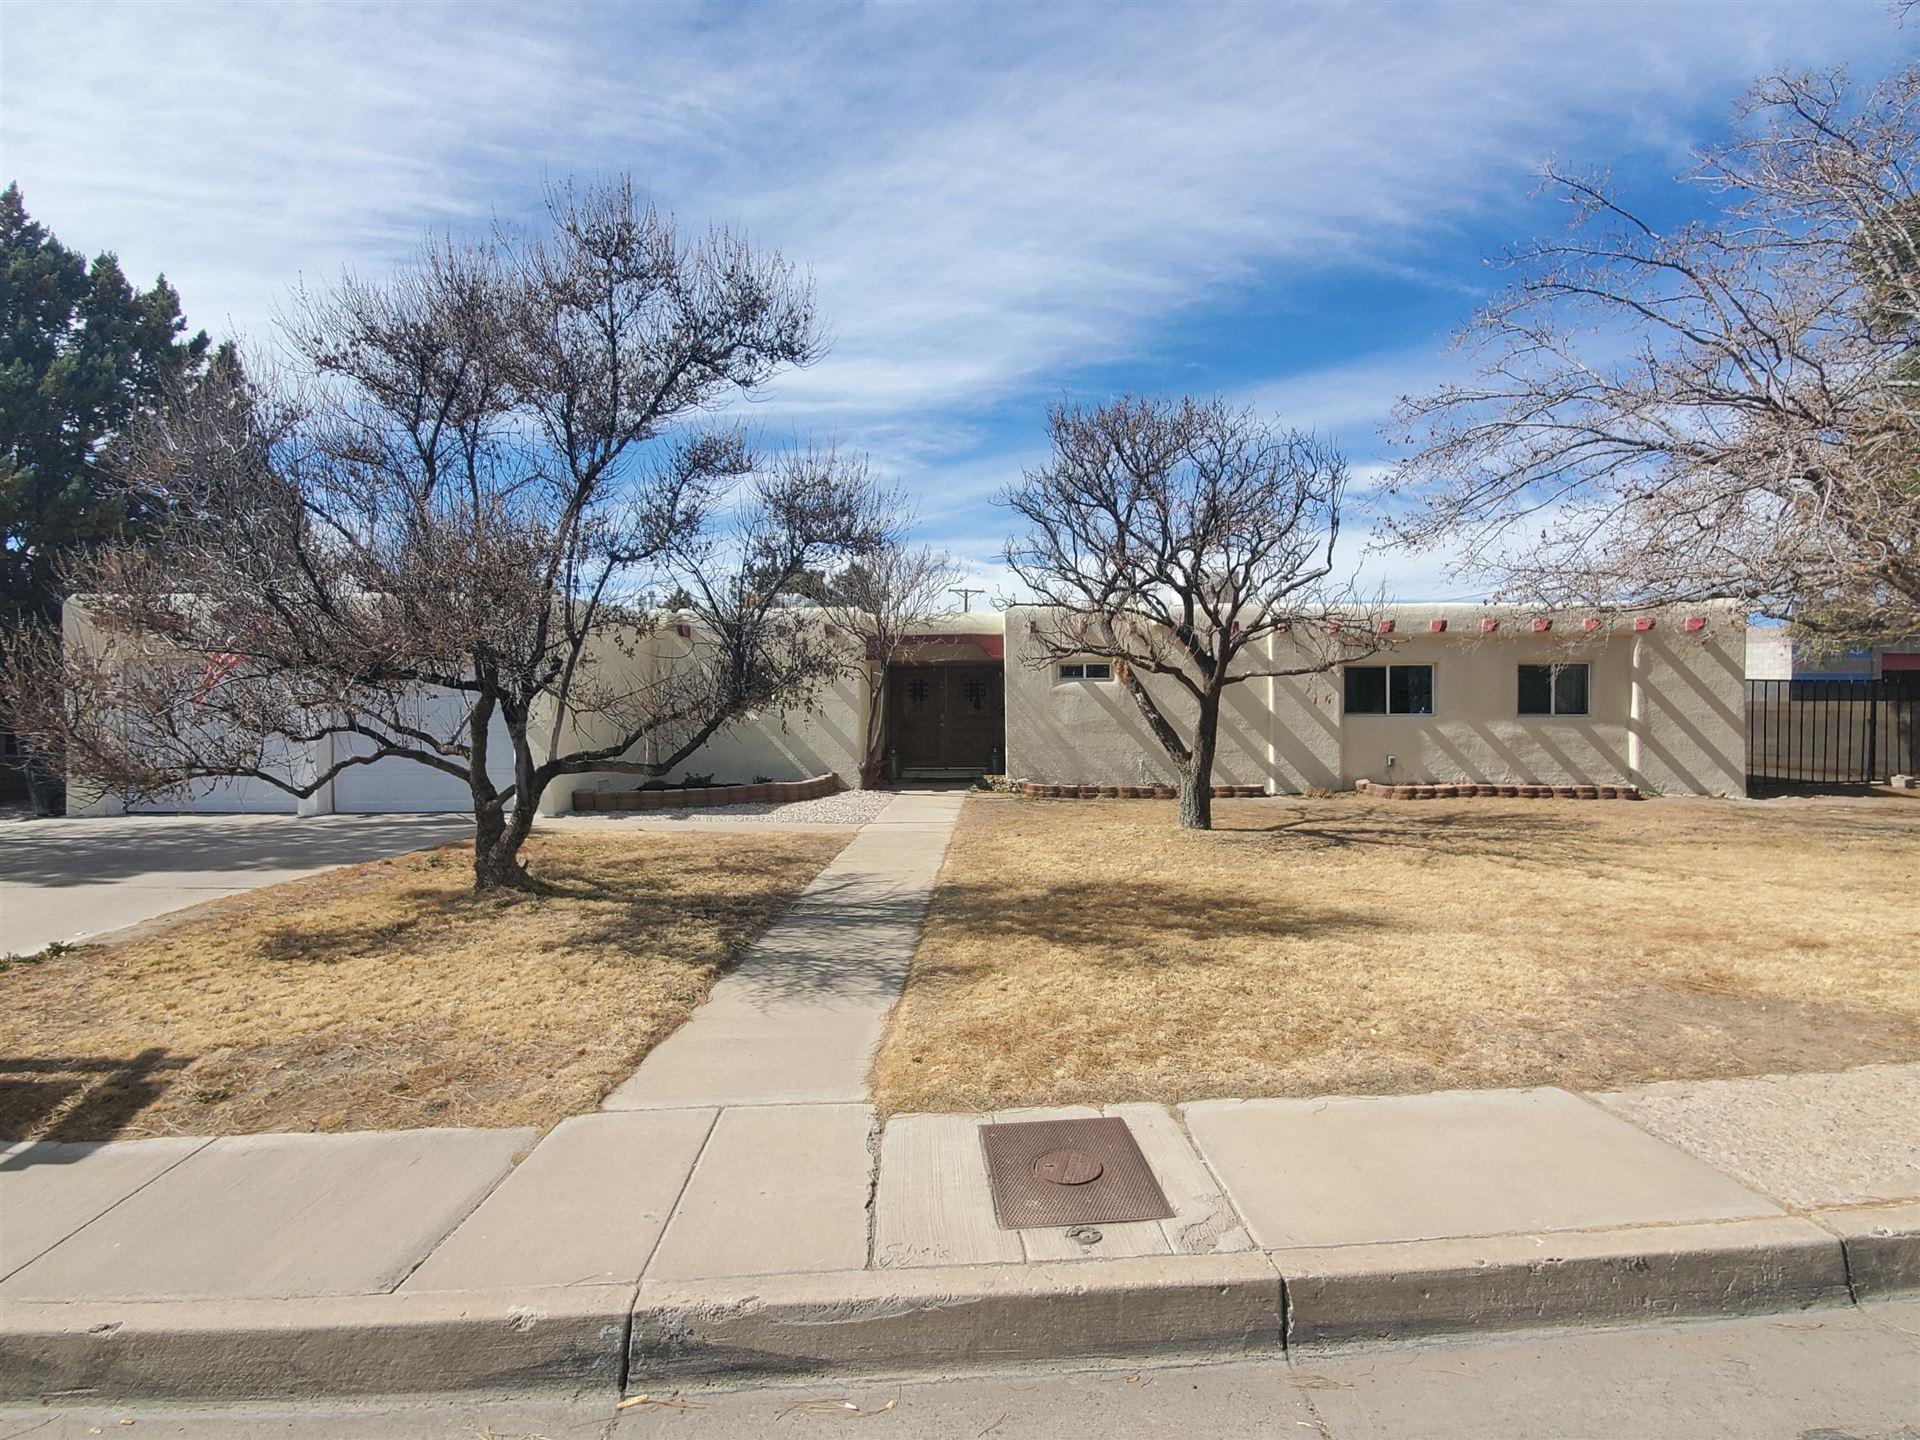 1215 DAKOTA Street SE, Albuquerque, NM 87108 - MLS#: 986612